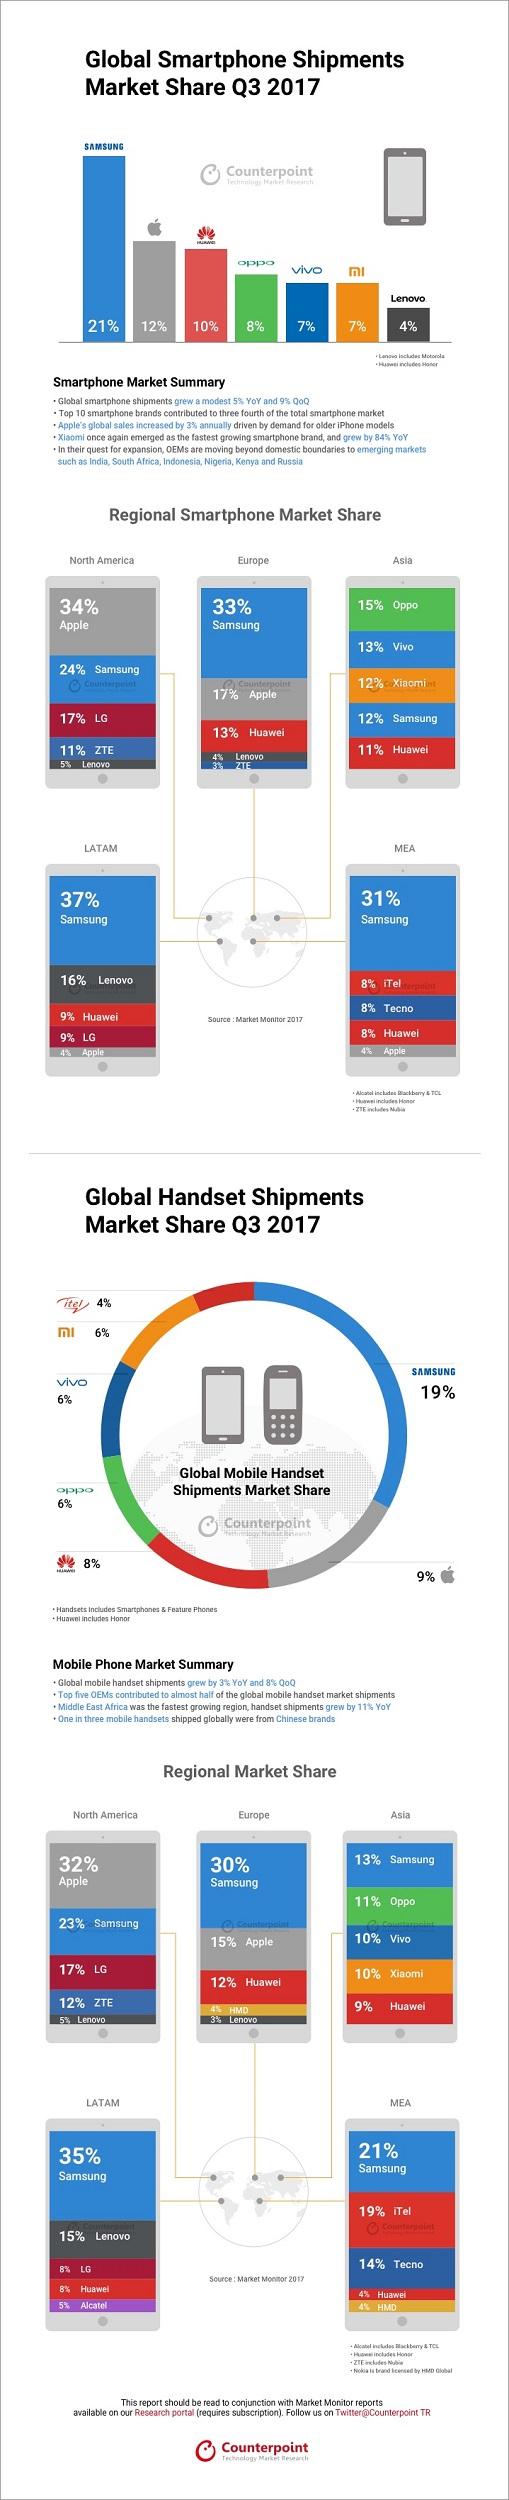 Infografía de Counterpoint Research sobre el estado del mercado de smartphones al cierre del tercer trimestre del 2017.